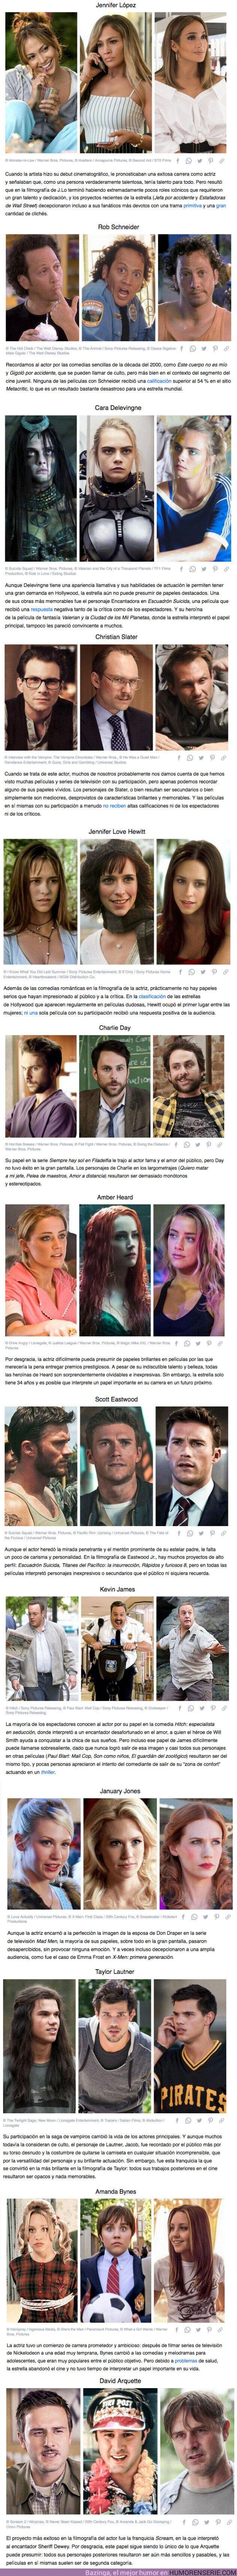 66437 - GALERÍA: 13 Actores que, a pesar de su talento, aún no han interpretado ni un papel realmente genial